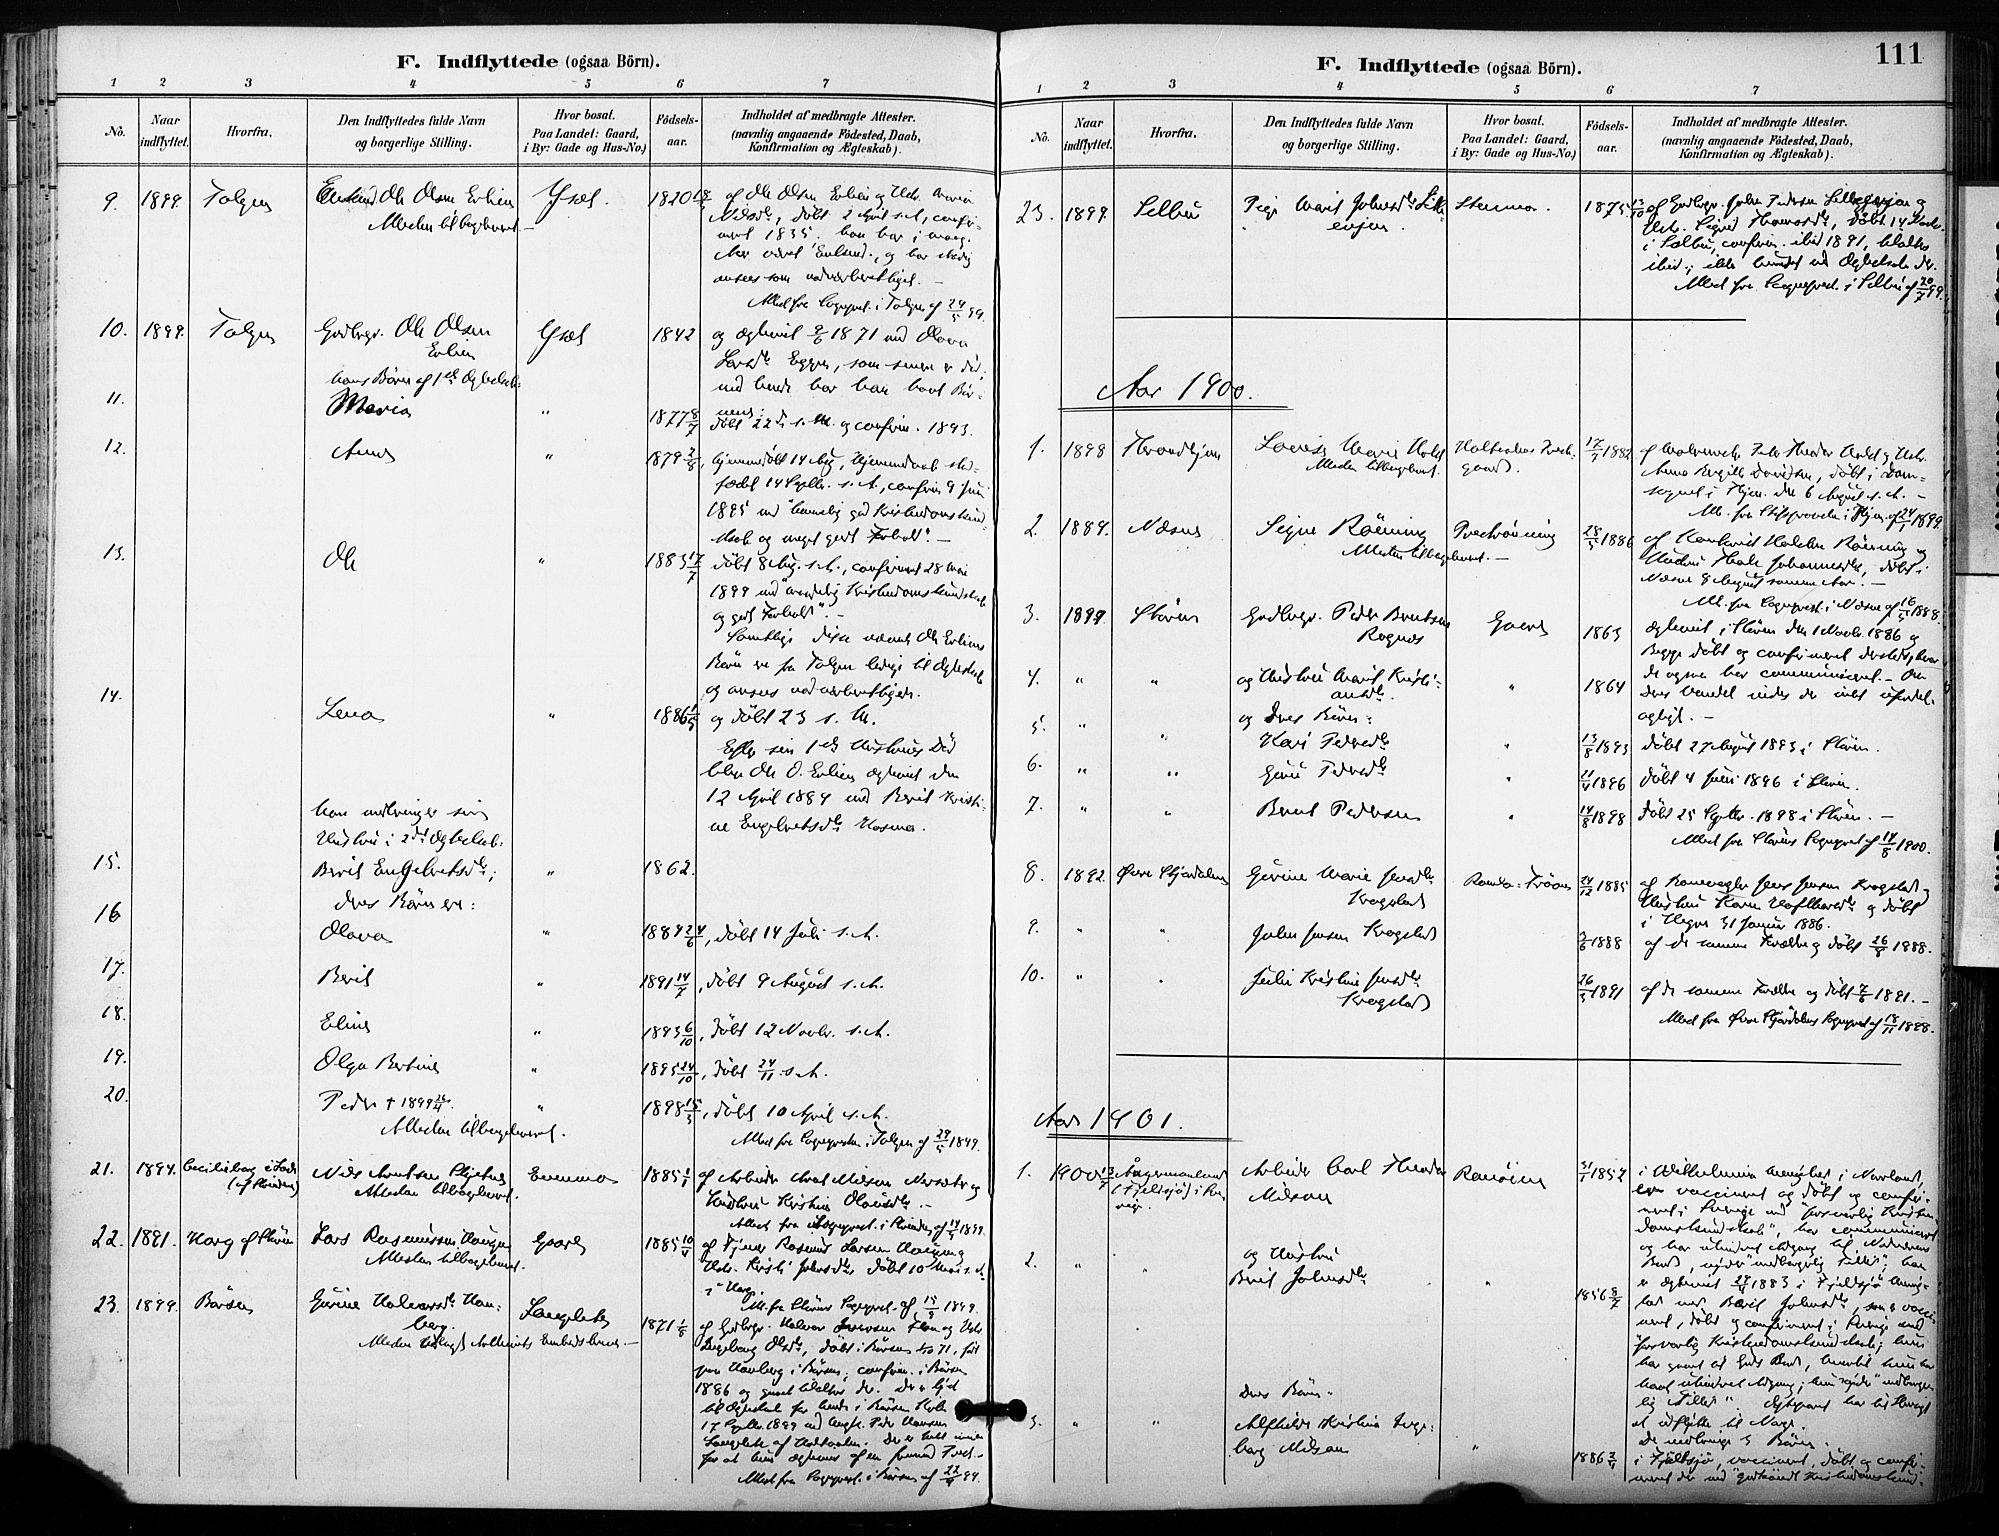 SAT, Ministerialprotokoller, klokkerbøker og fødselsregistre - Sør-Trøndelag, 685/L0973: Ministerialbok nr. 685A10, 1891-1907, s. 111